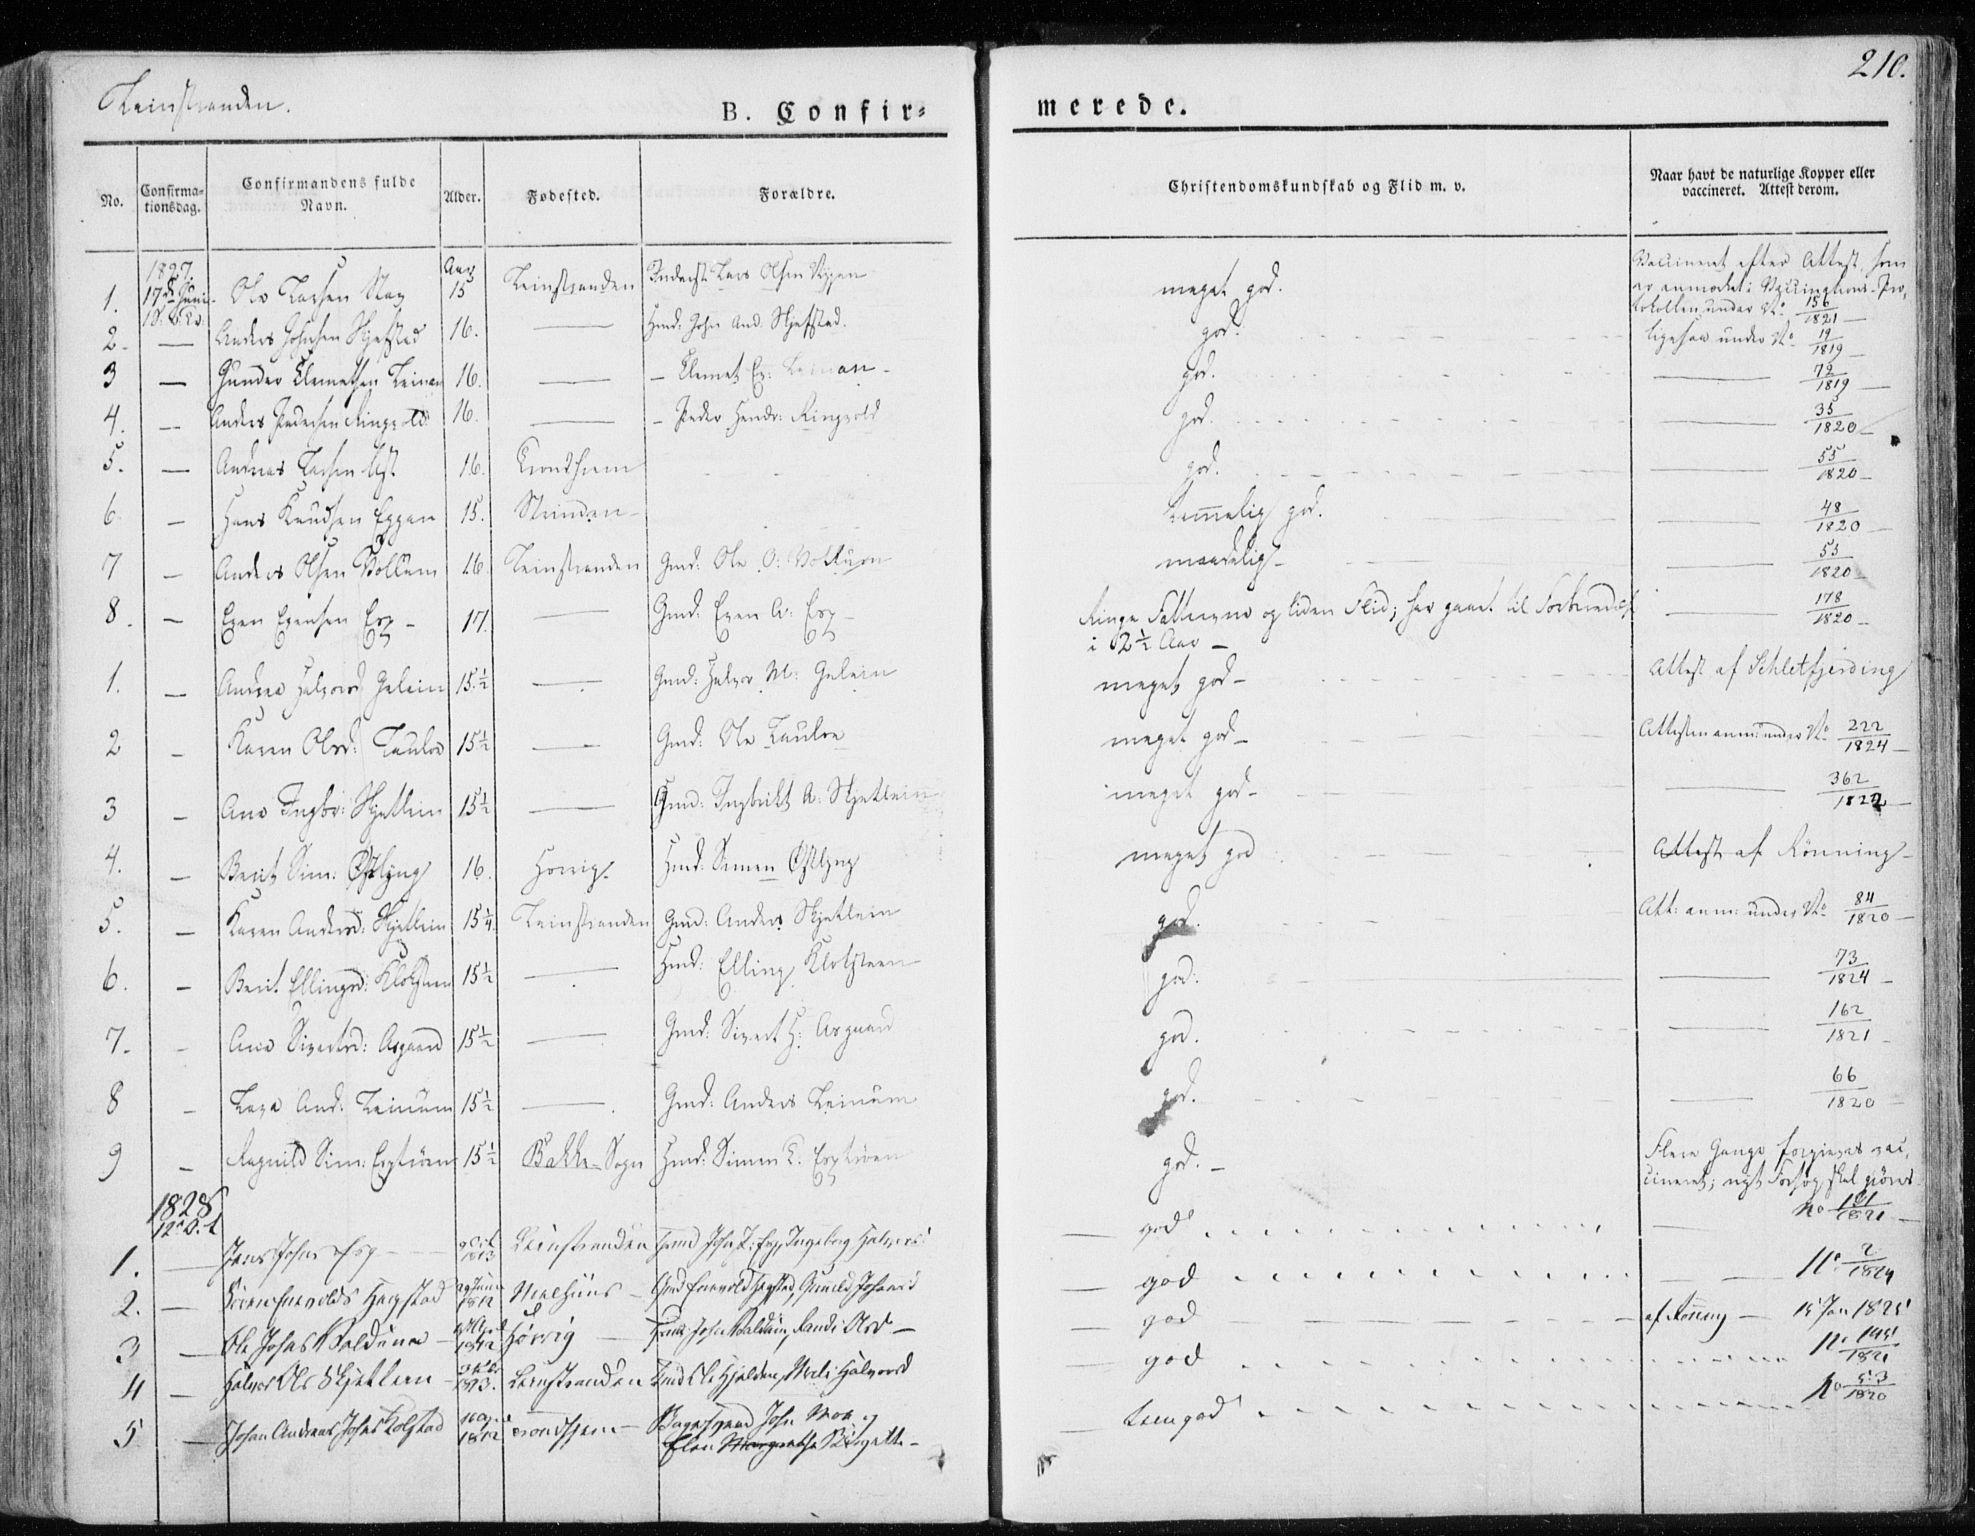 SAT, Ministerialprotokoller, klokkerbøker og fødselsregistre - Sør-Trøndelag, 691/L1069: Ministerialbok nr. 691A04, 1826-1841, s. 210